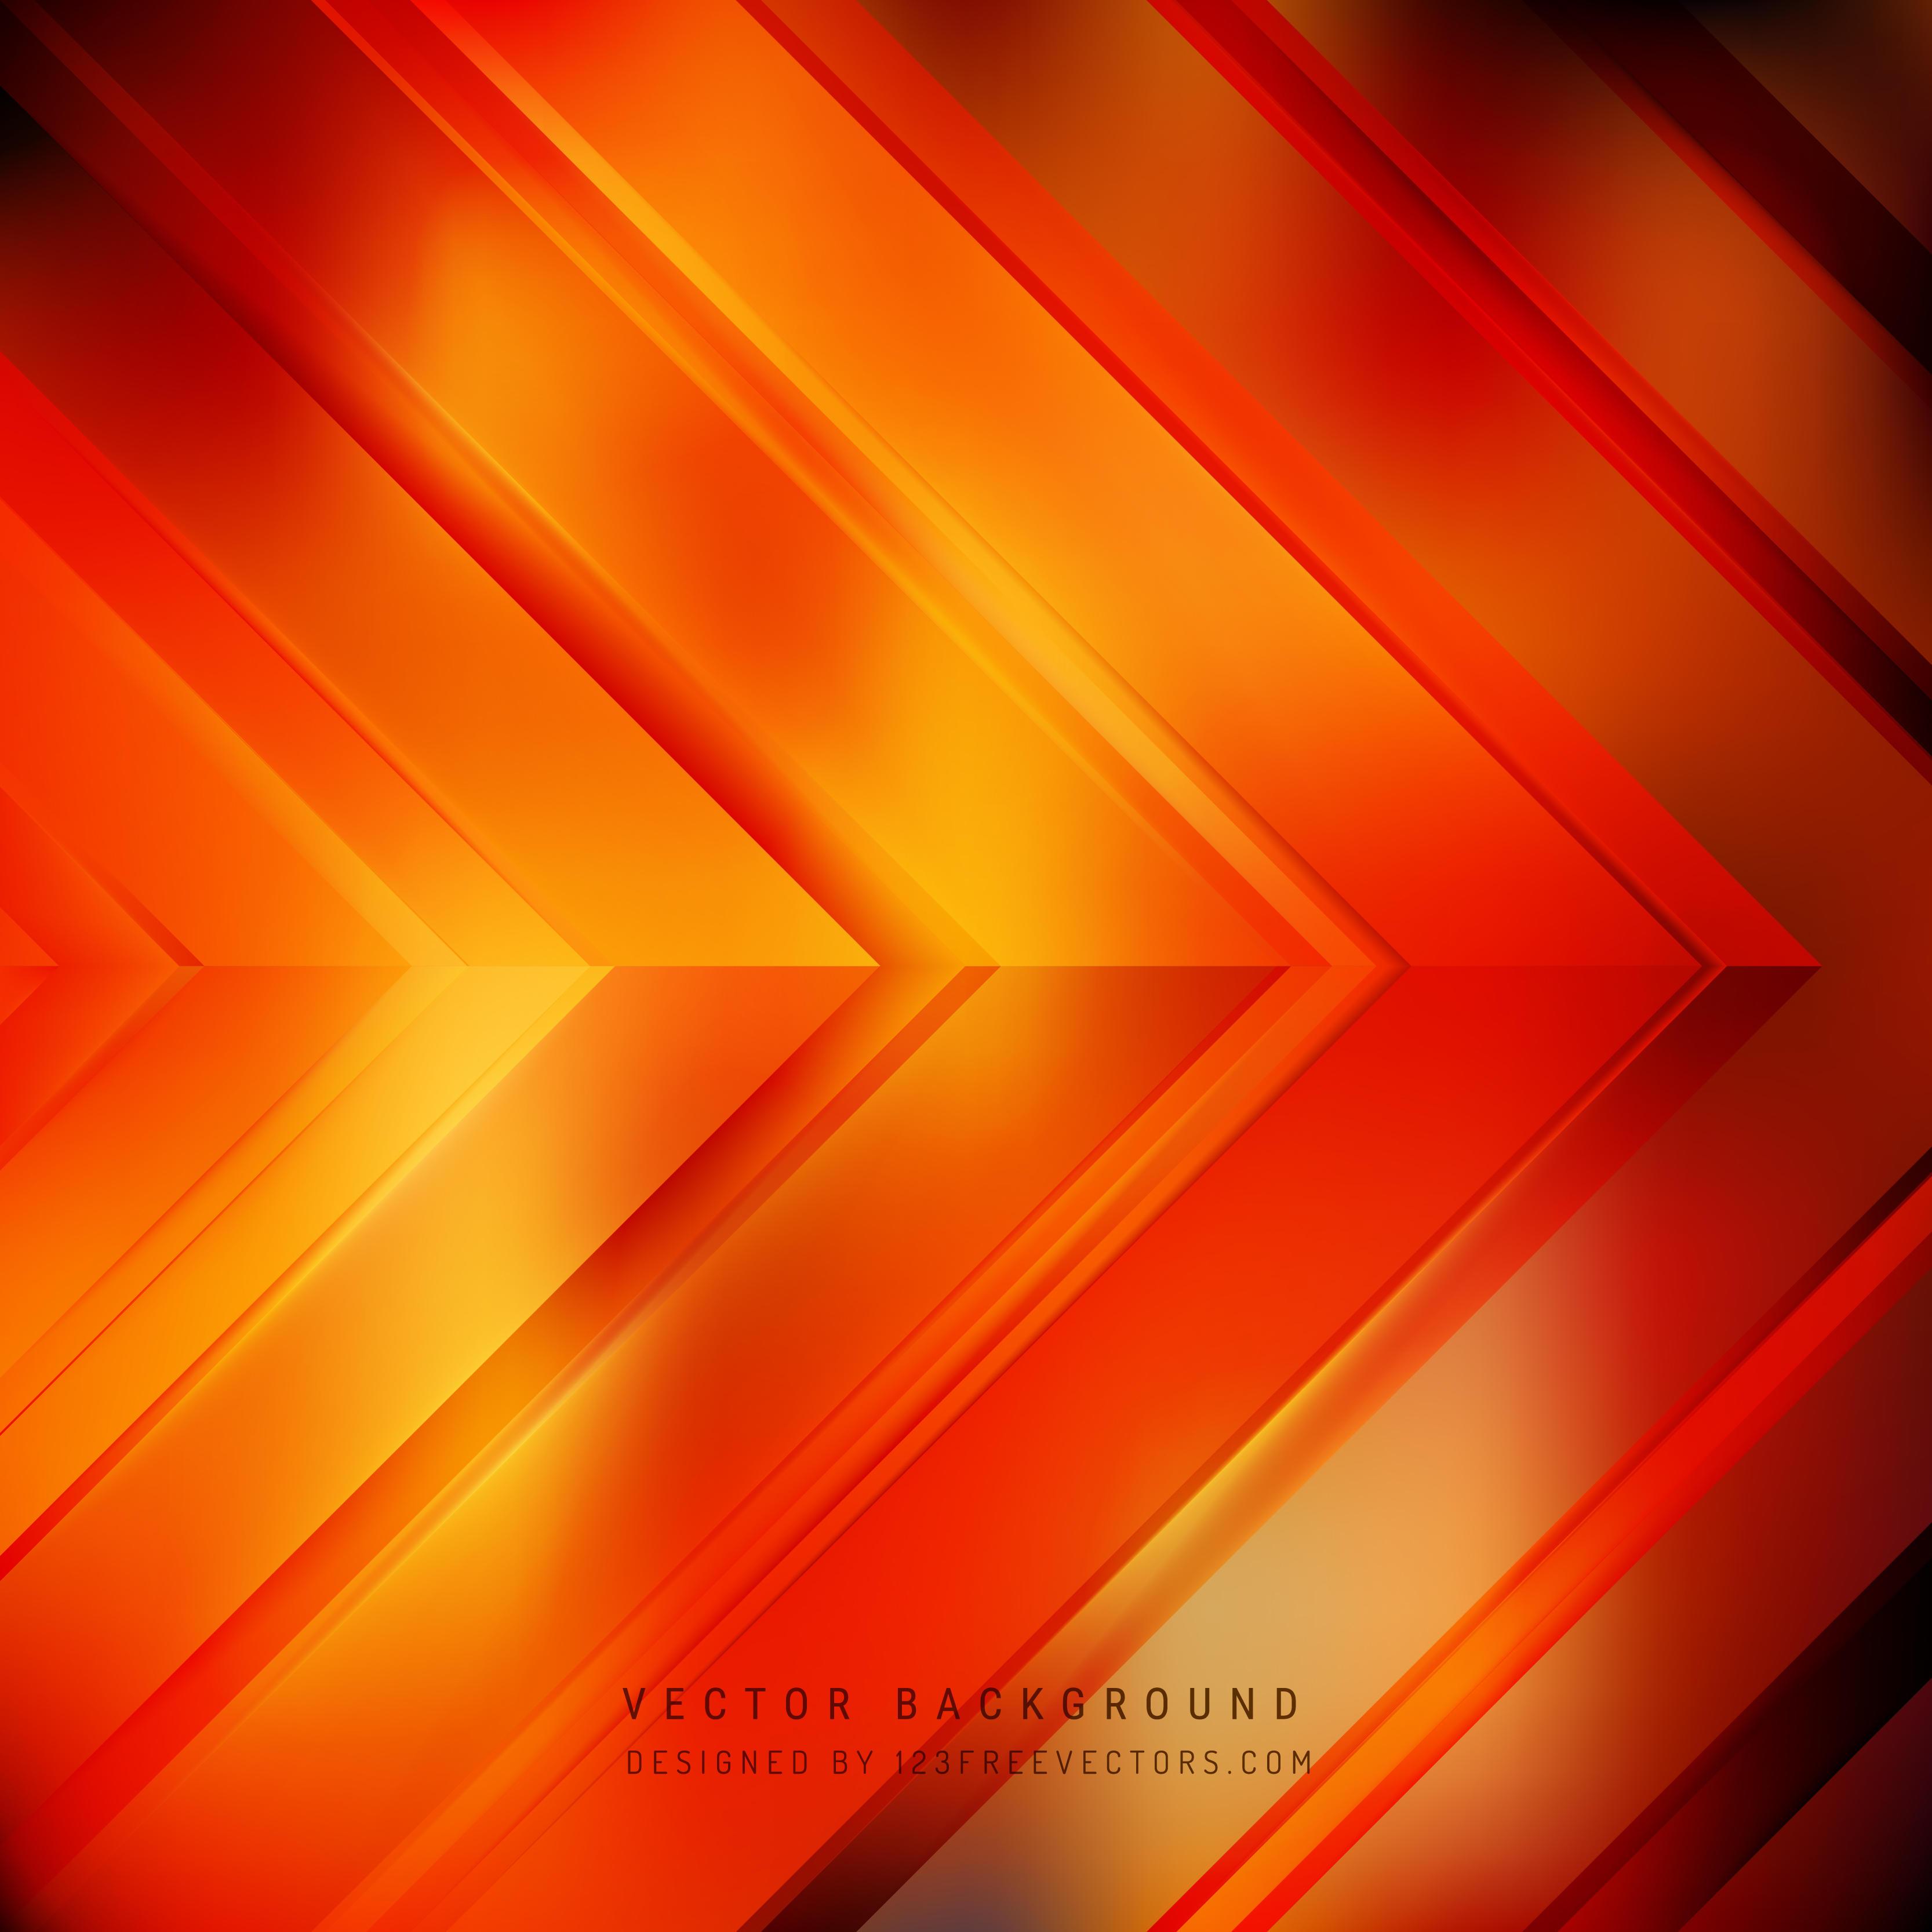 35930 Background Designs Vectors Download Vector Art 3333x3333